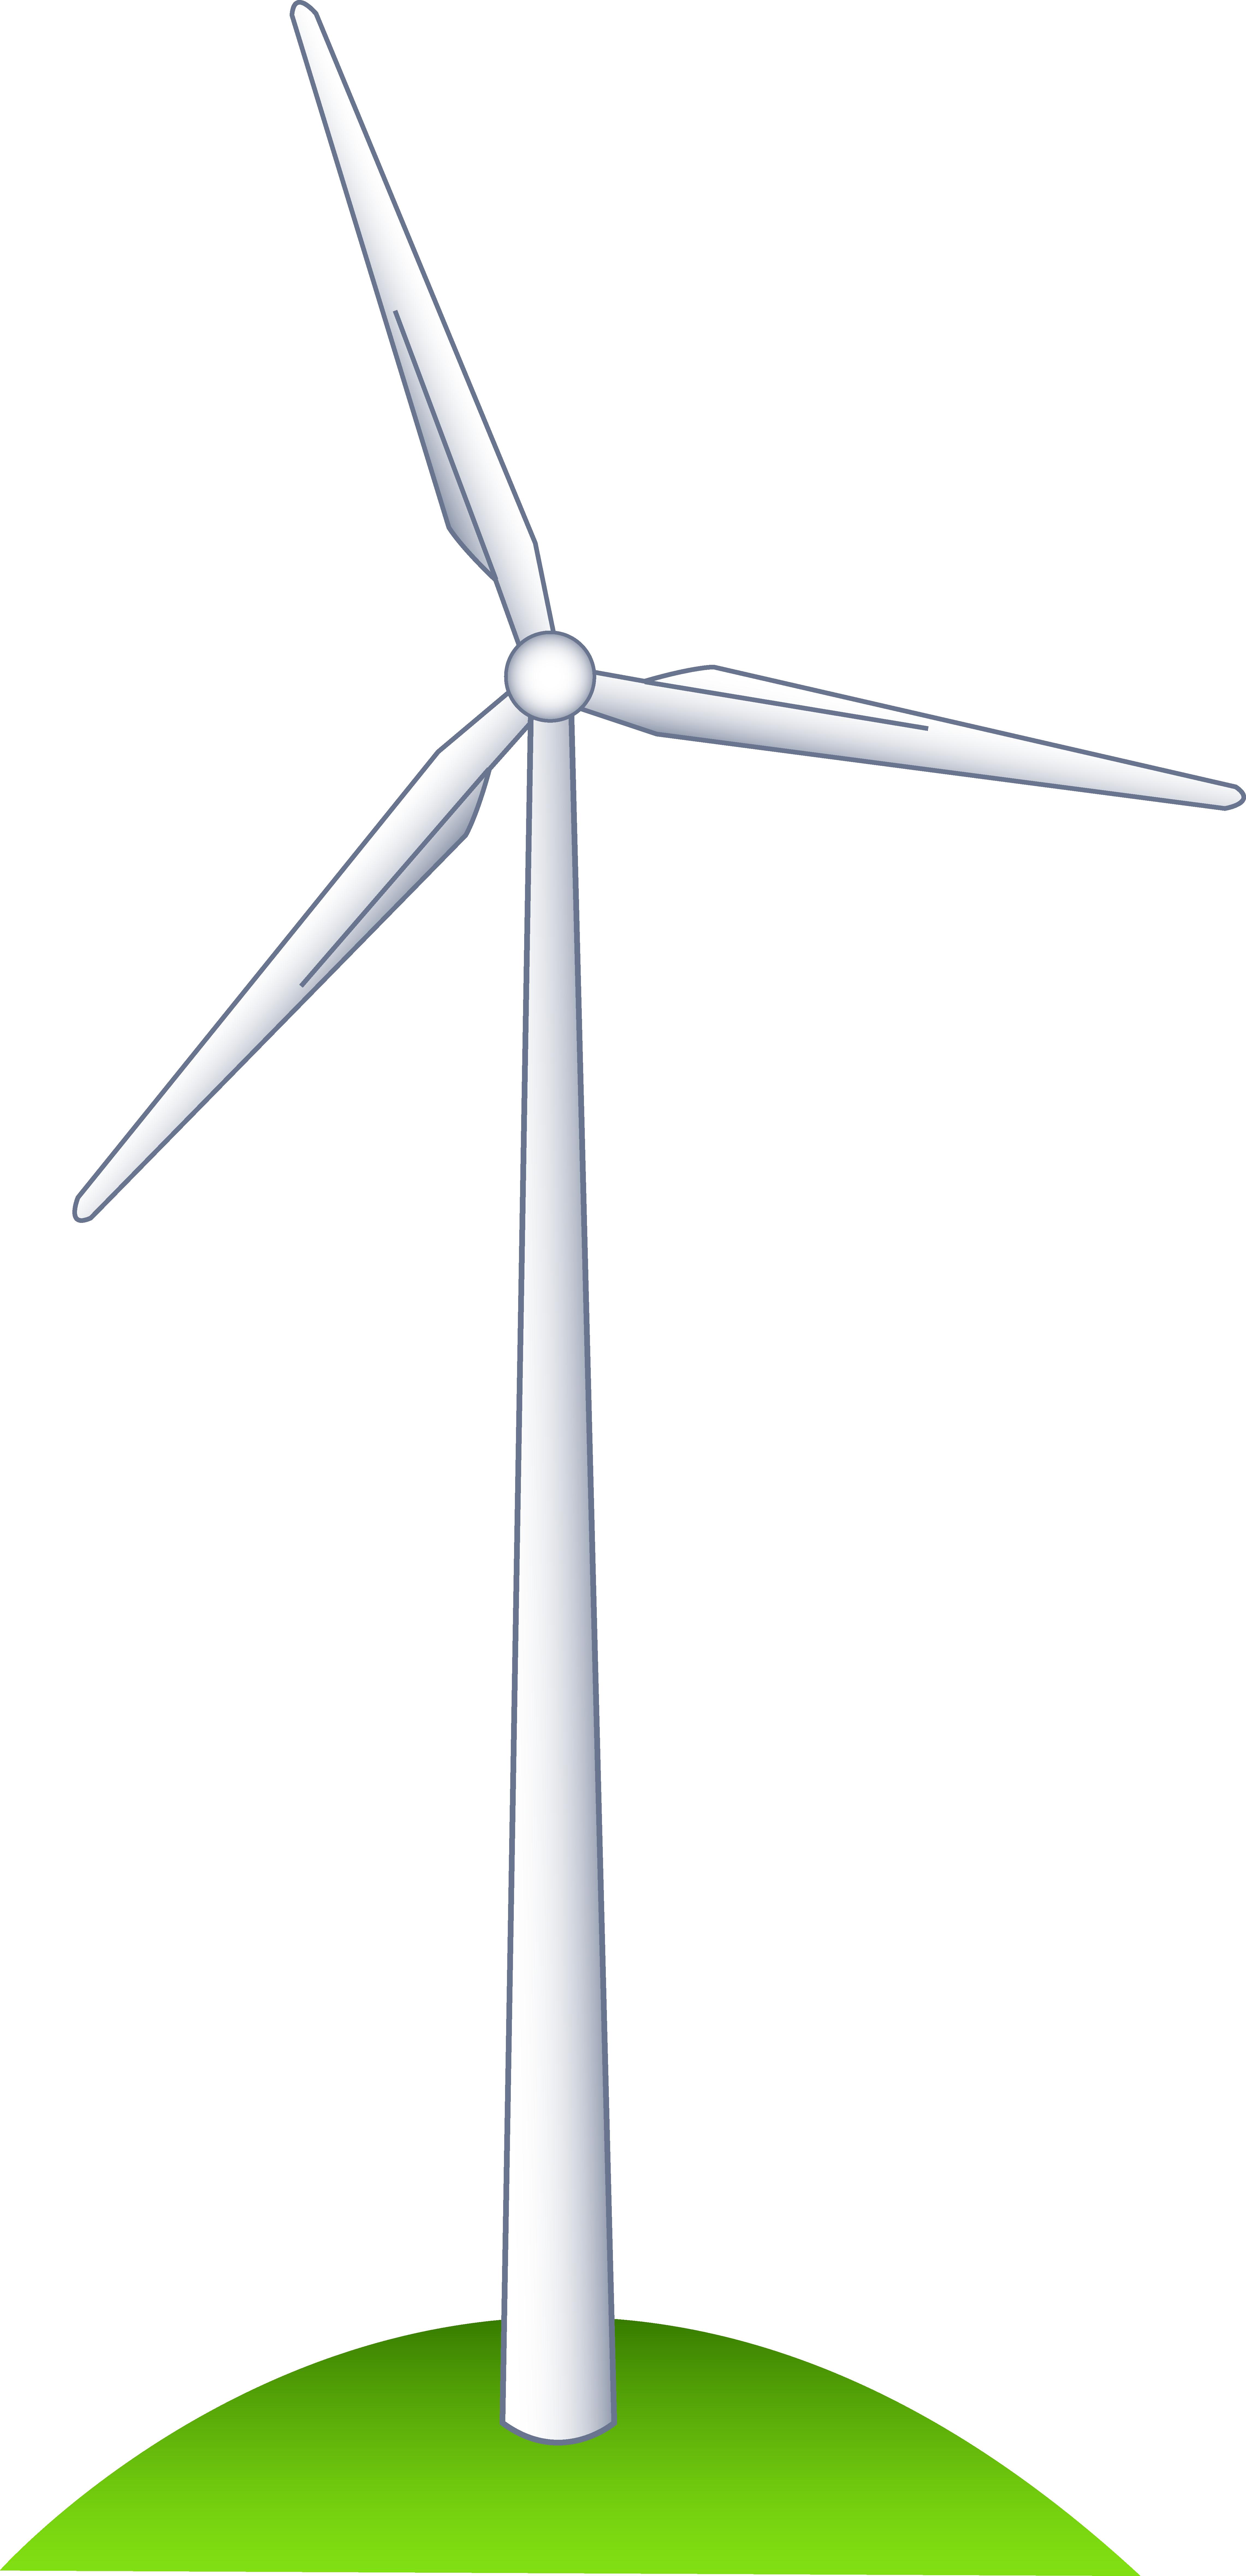 Wind Turbine on a Hill.